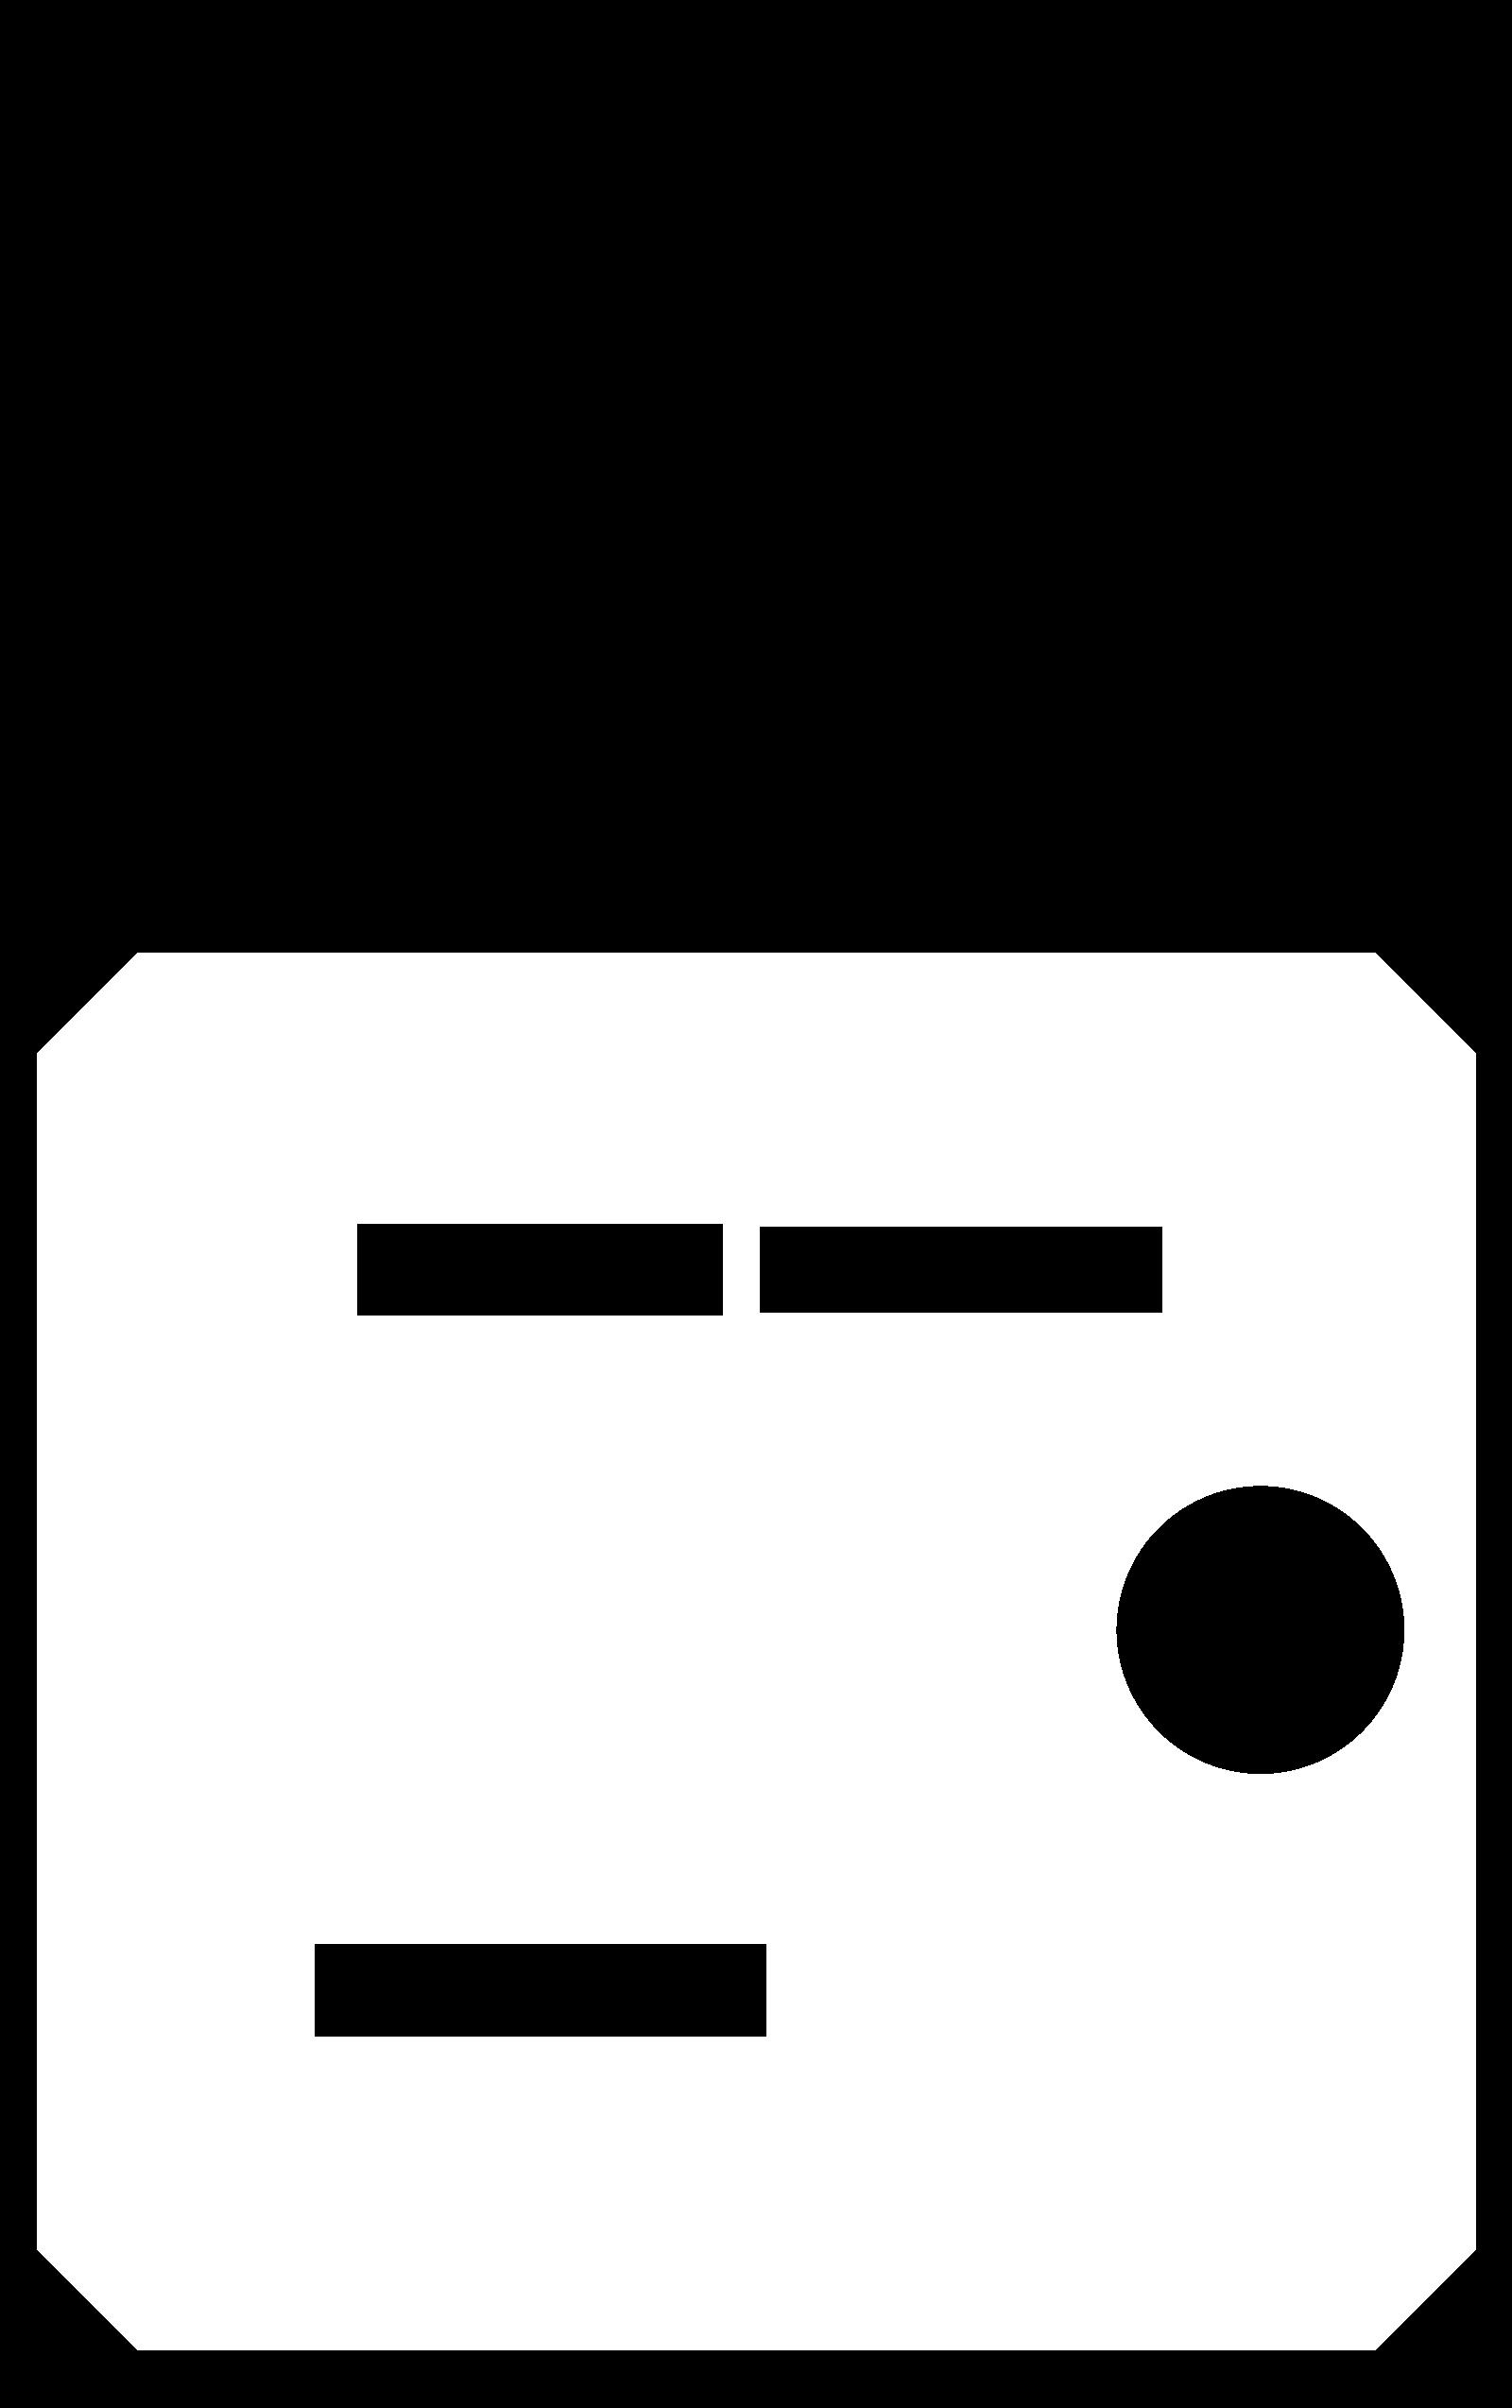 bc832-watt/bc832-watt-topside-interior.png